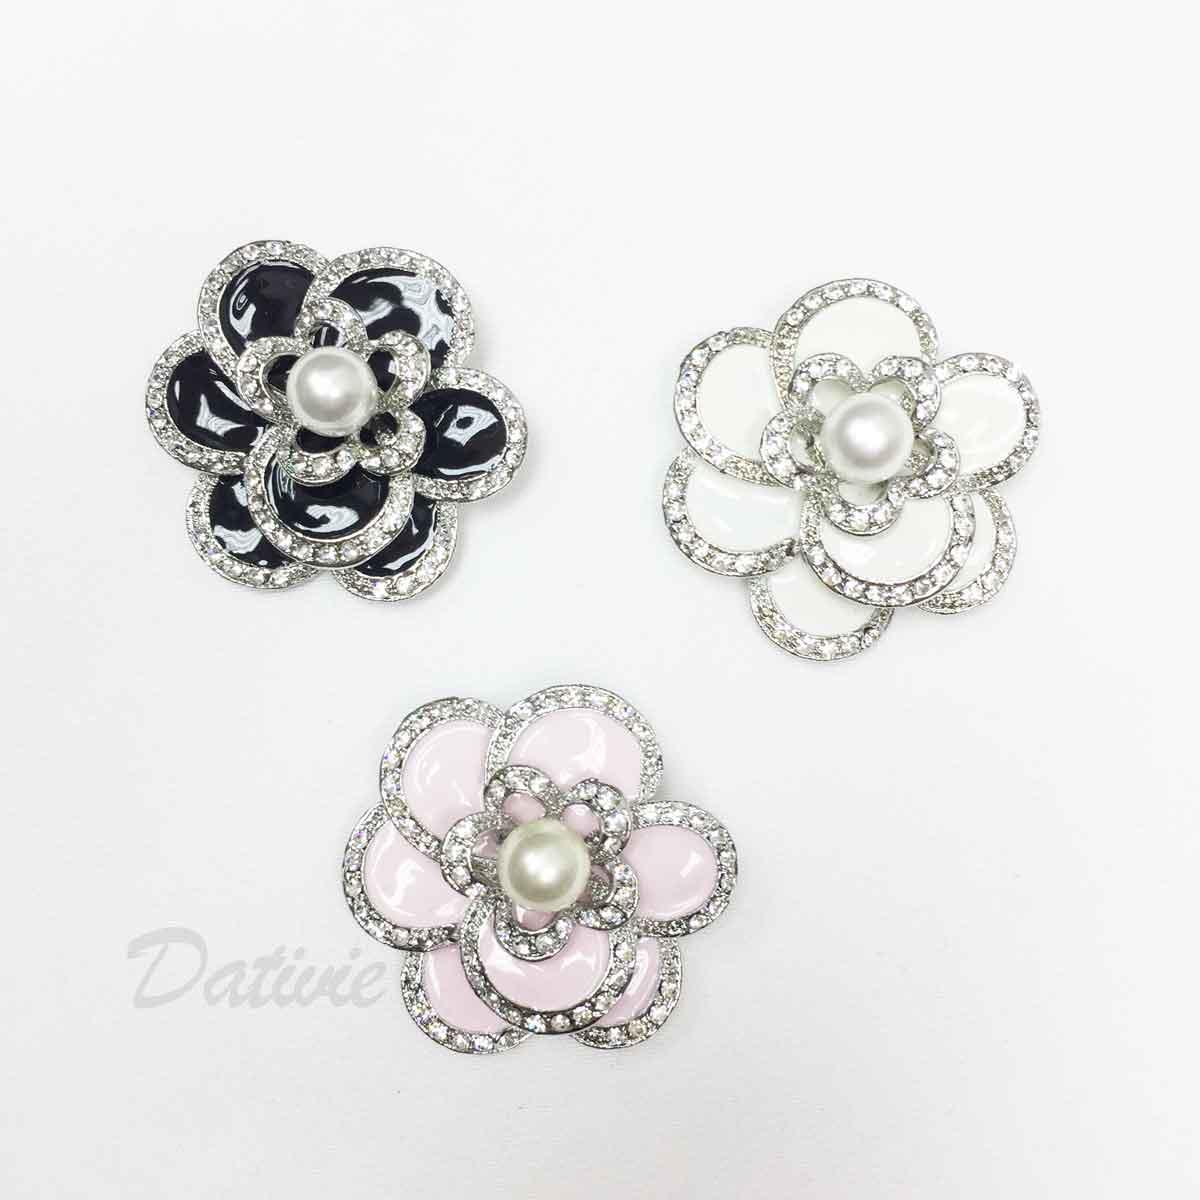 山茶花 花朵 珍珠 水鑽 黑色 粉紅 白 單個 三色 胸針